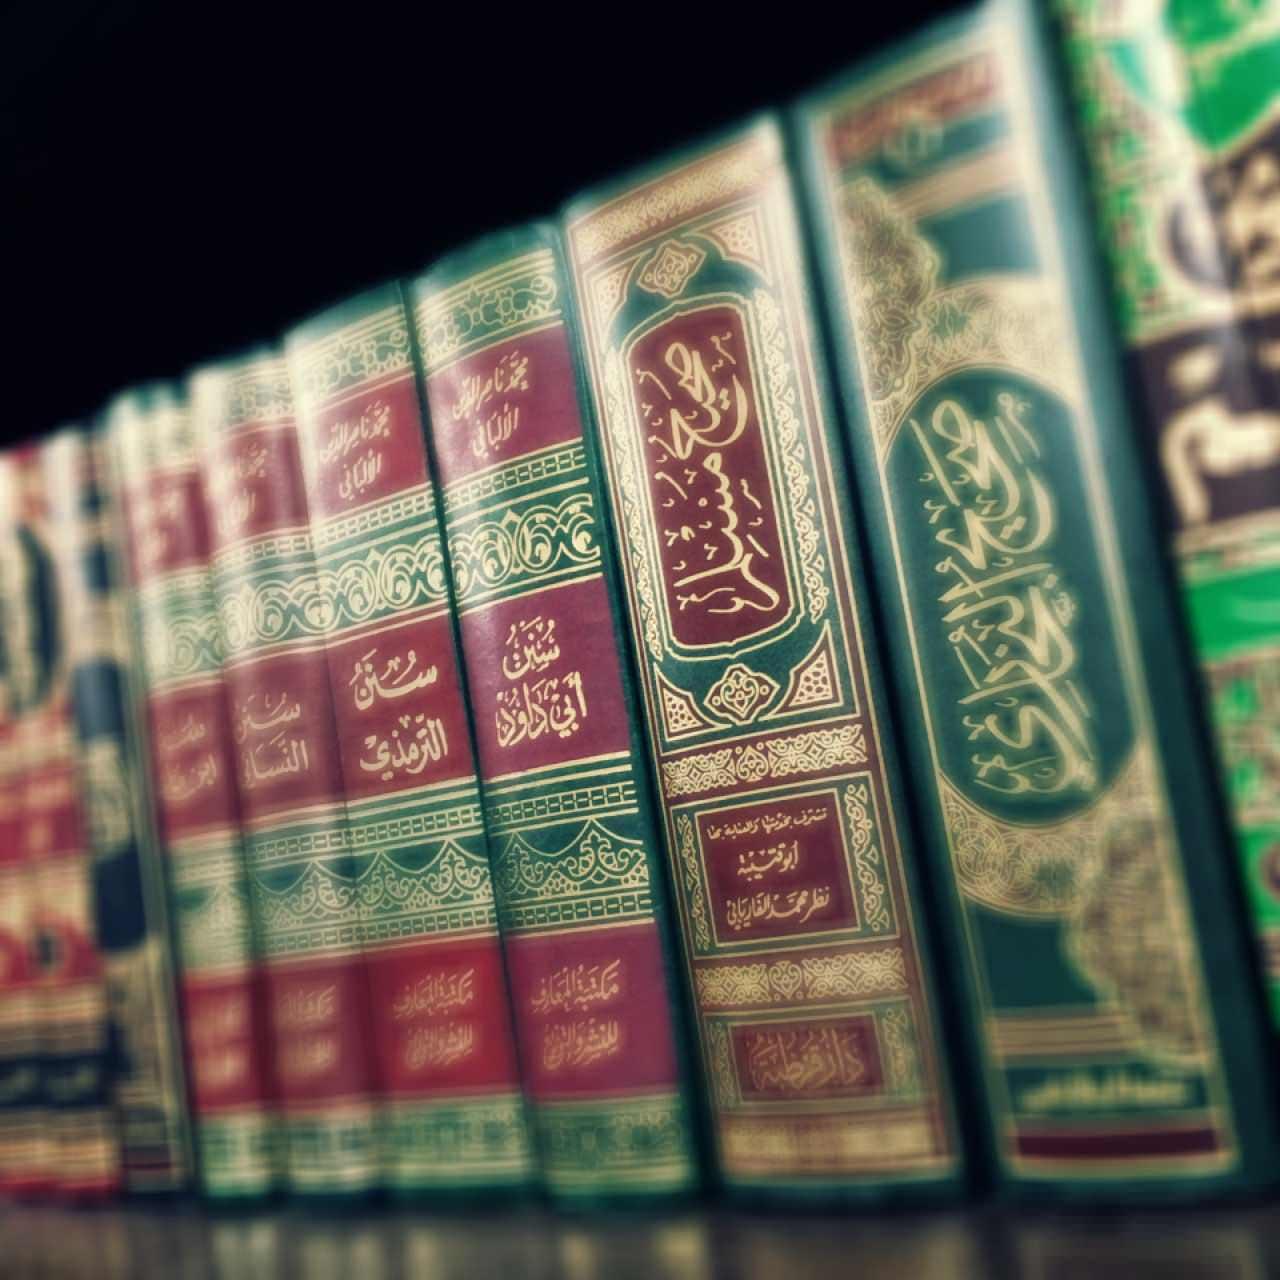 Wahabi Sesat Apakah benar demikian bimbingan islam